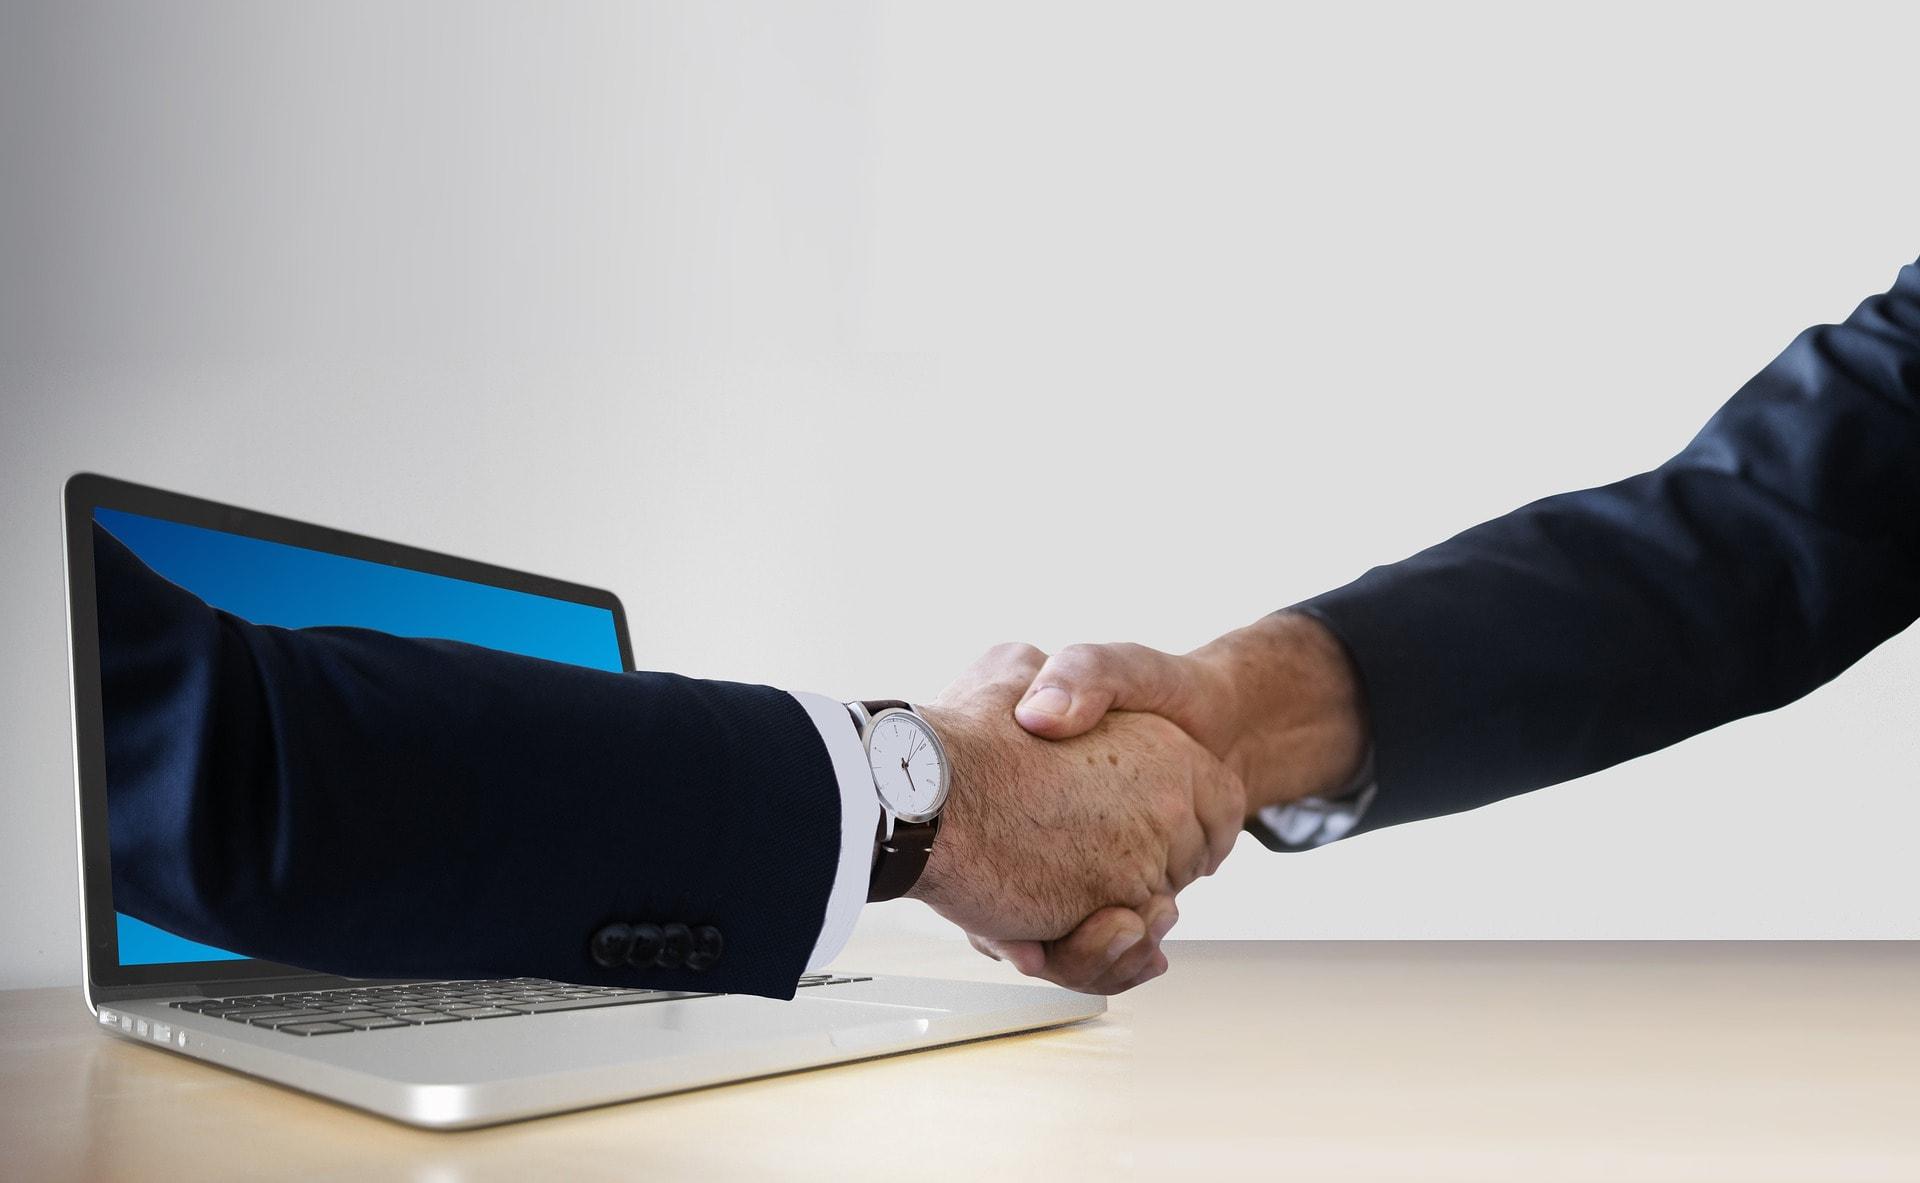 電子契約に関する規制とは?知っておきたい規制内容について解説